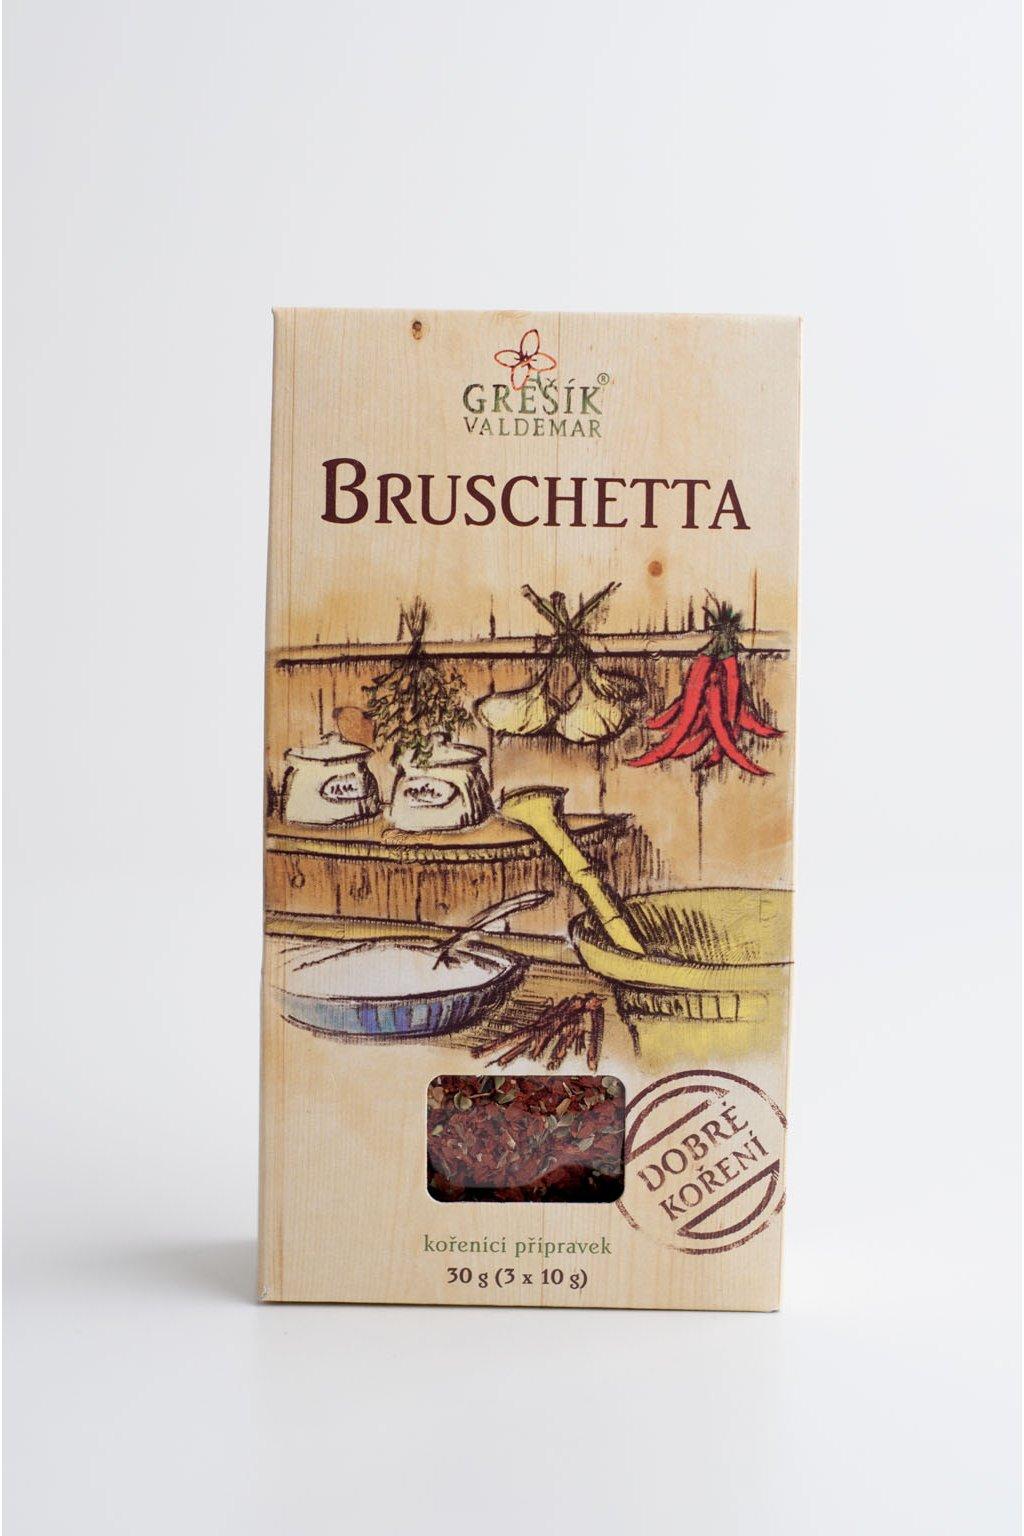 Bruschetta - 30g